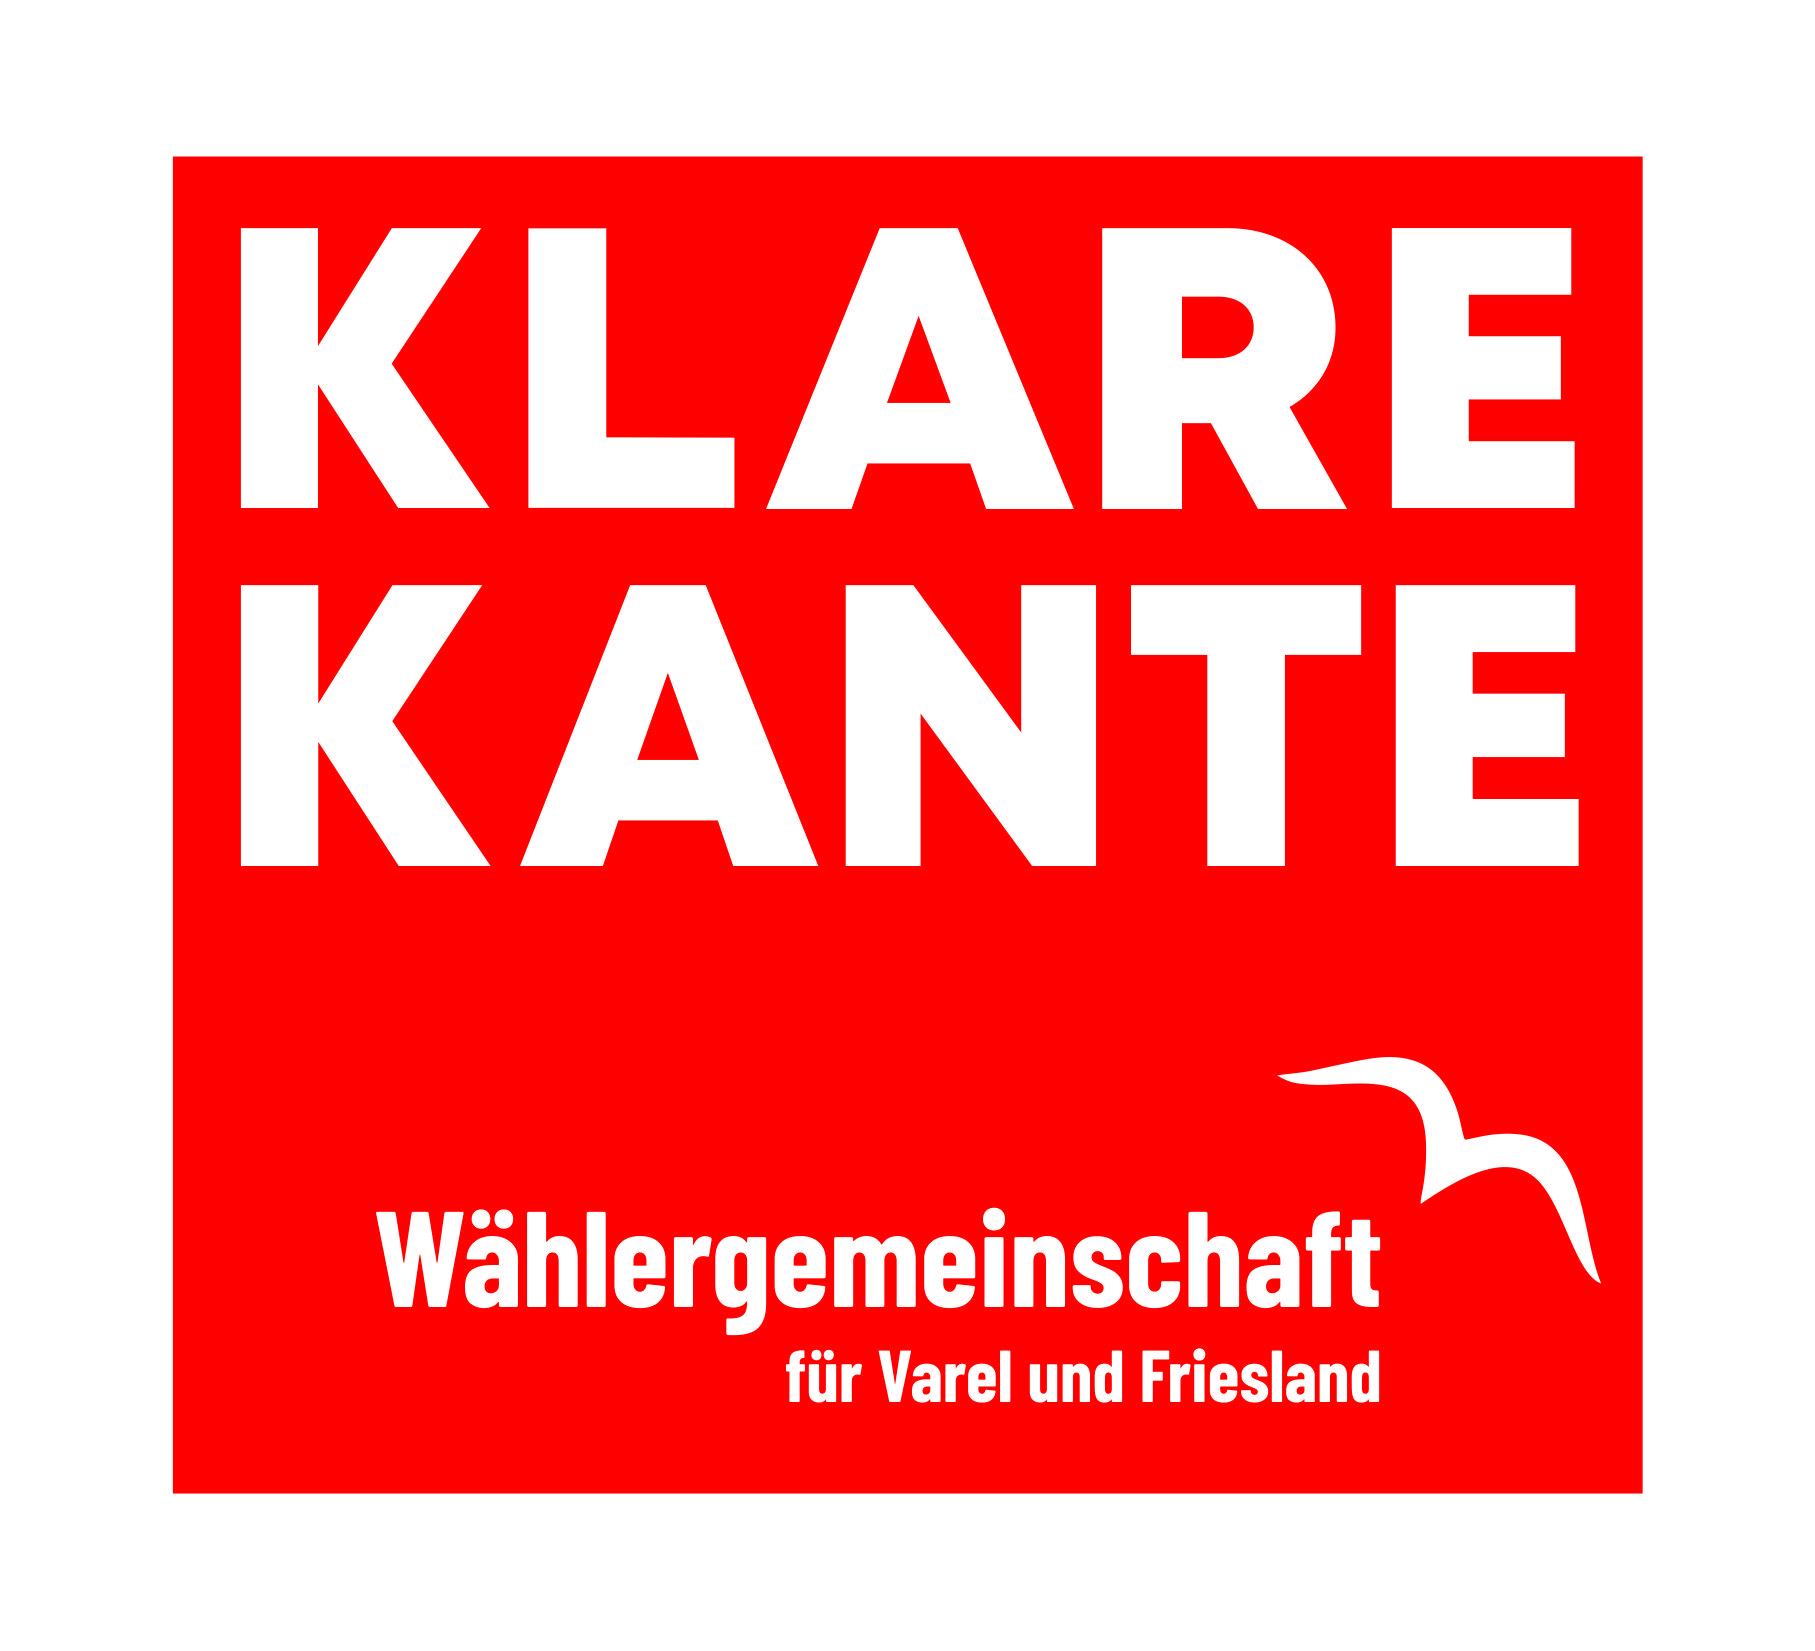 Klare Kante Friesland